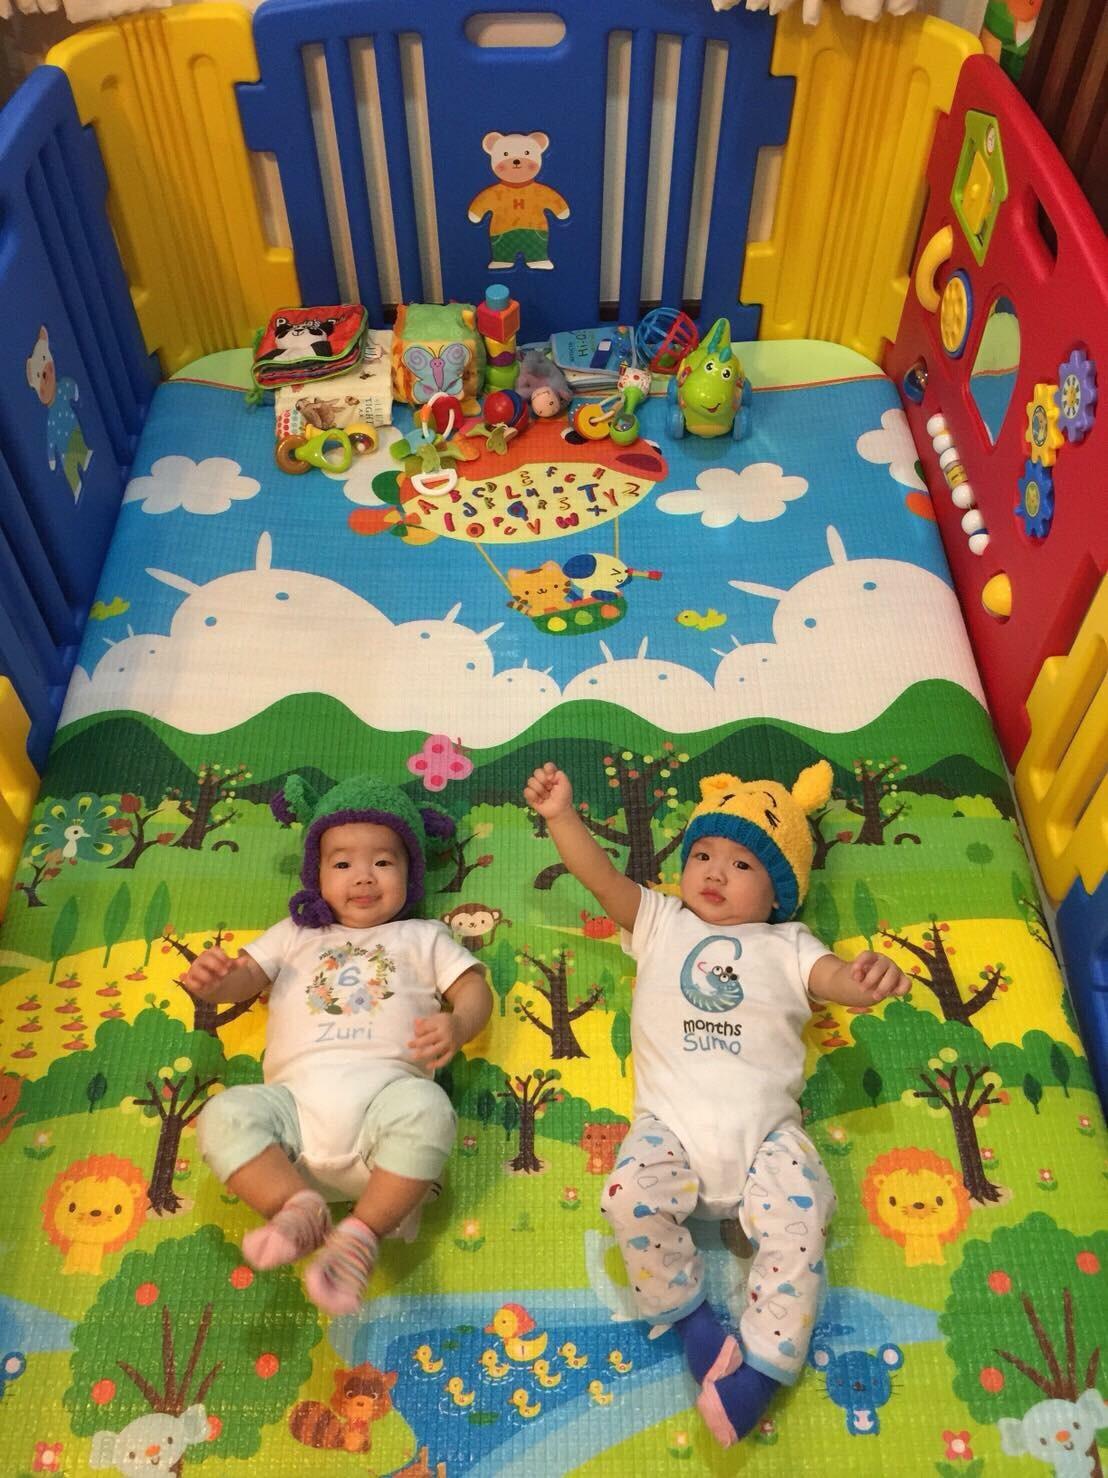 ขอบคุณรีวิวจากน้อง Zuri&Sumo นะคะ คอกกั้นเด็กแท้ สีสดใส size M